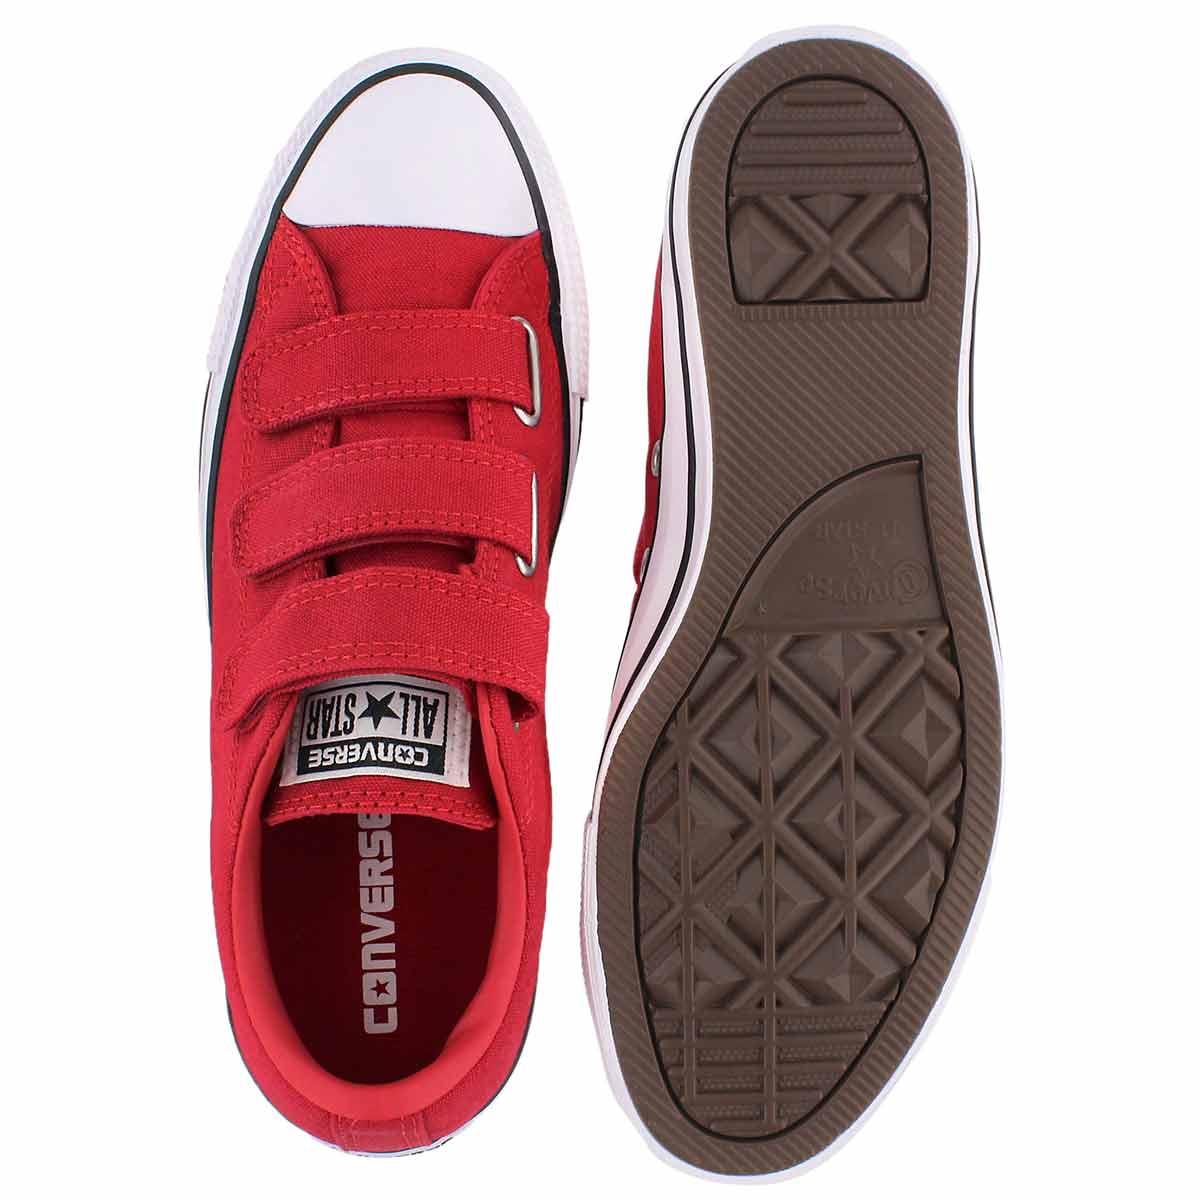 Lds CTAS 3V red hook & loop sneaker